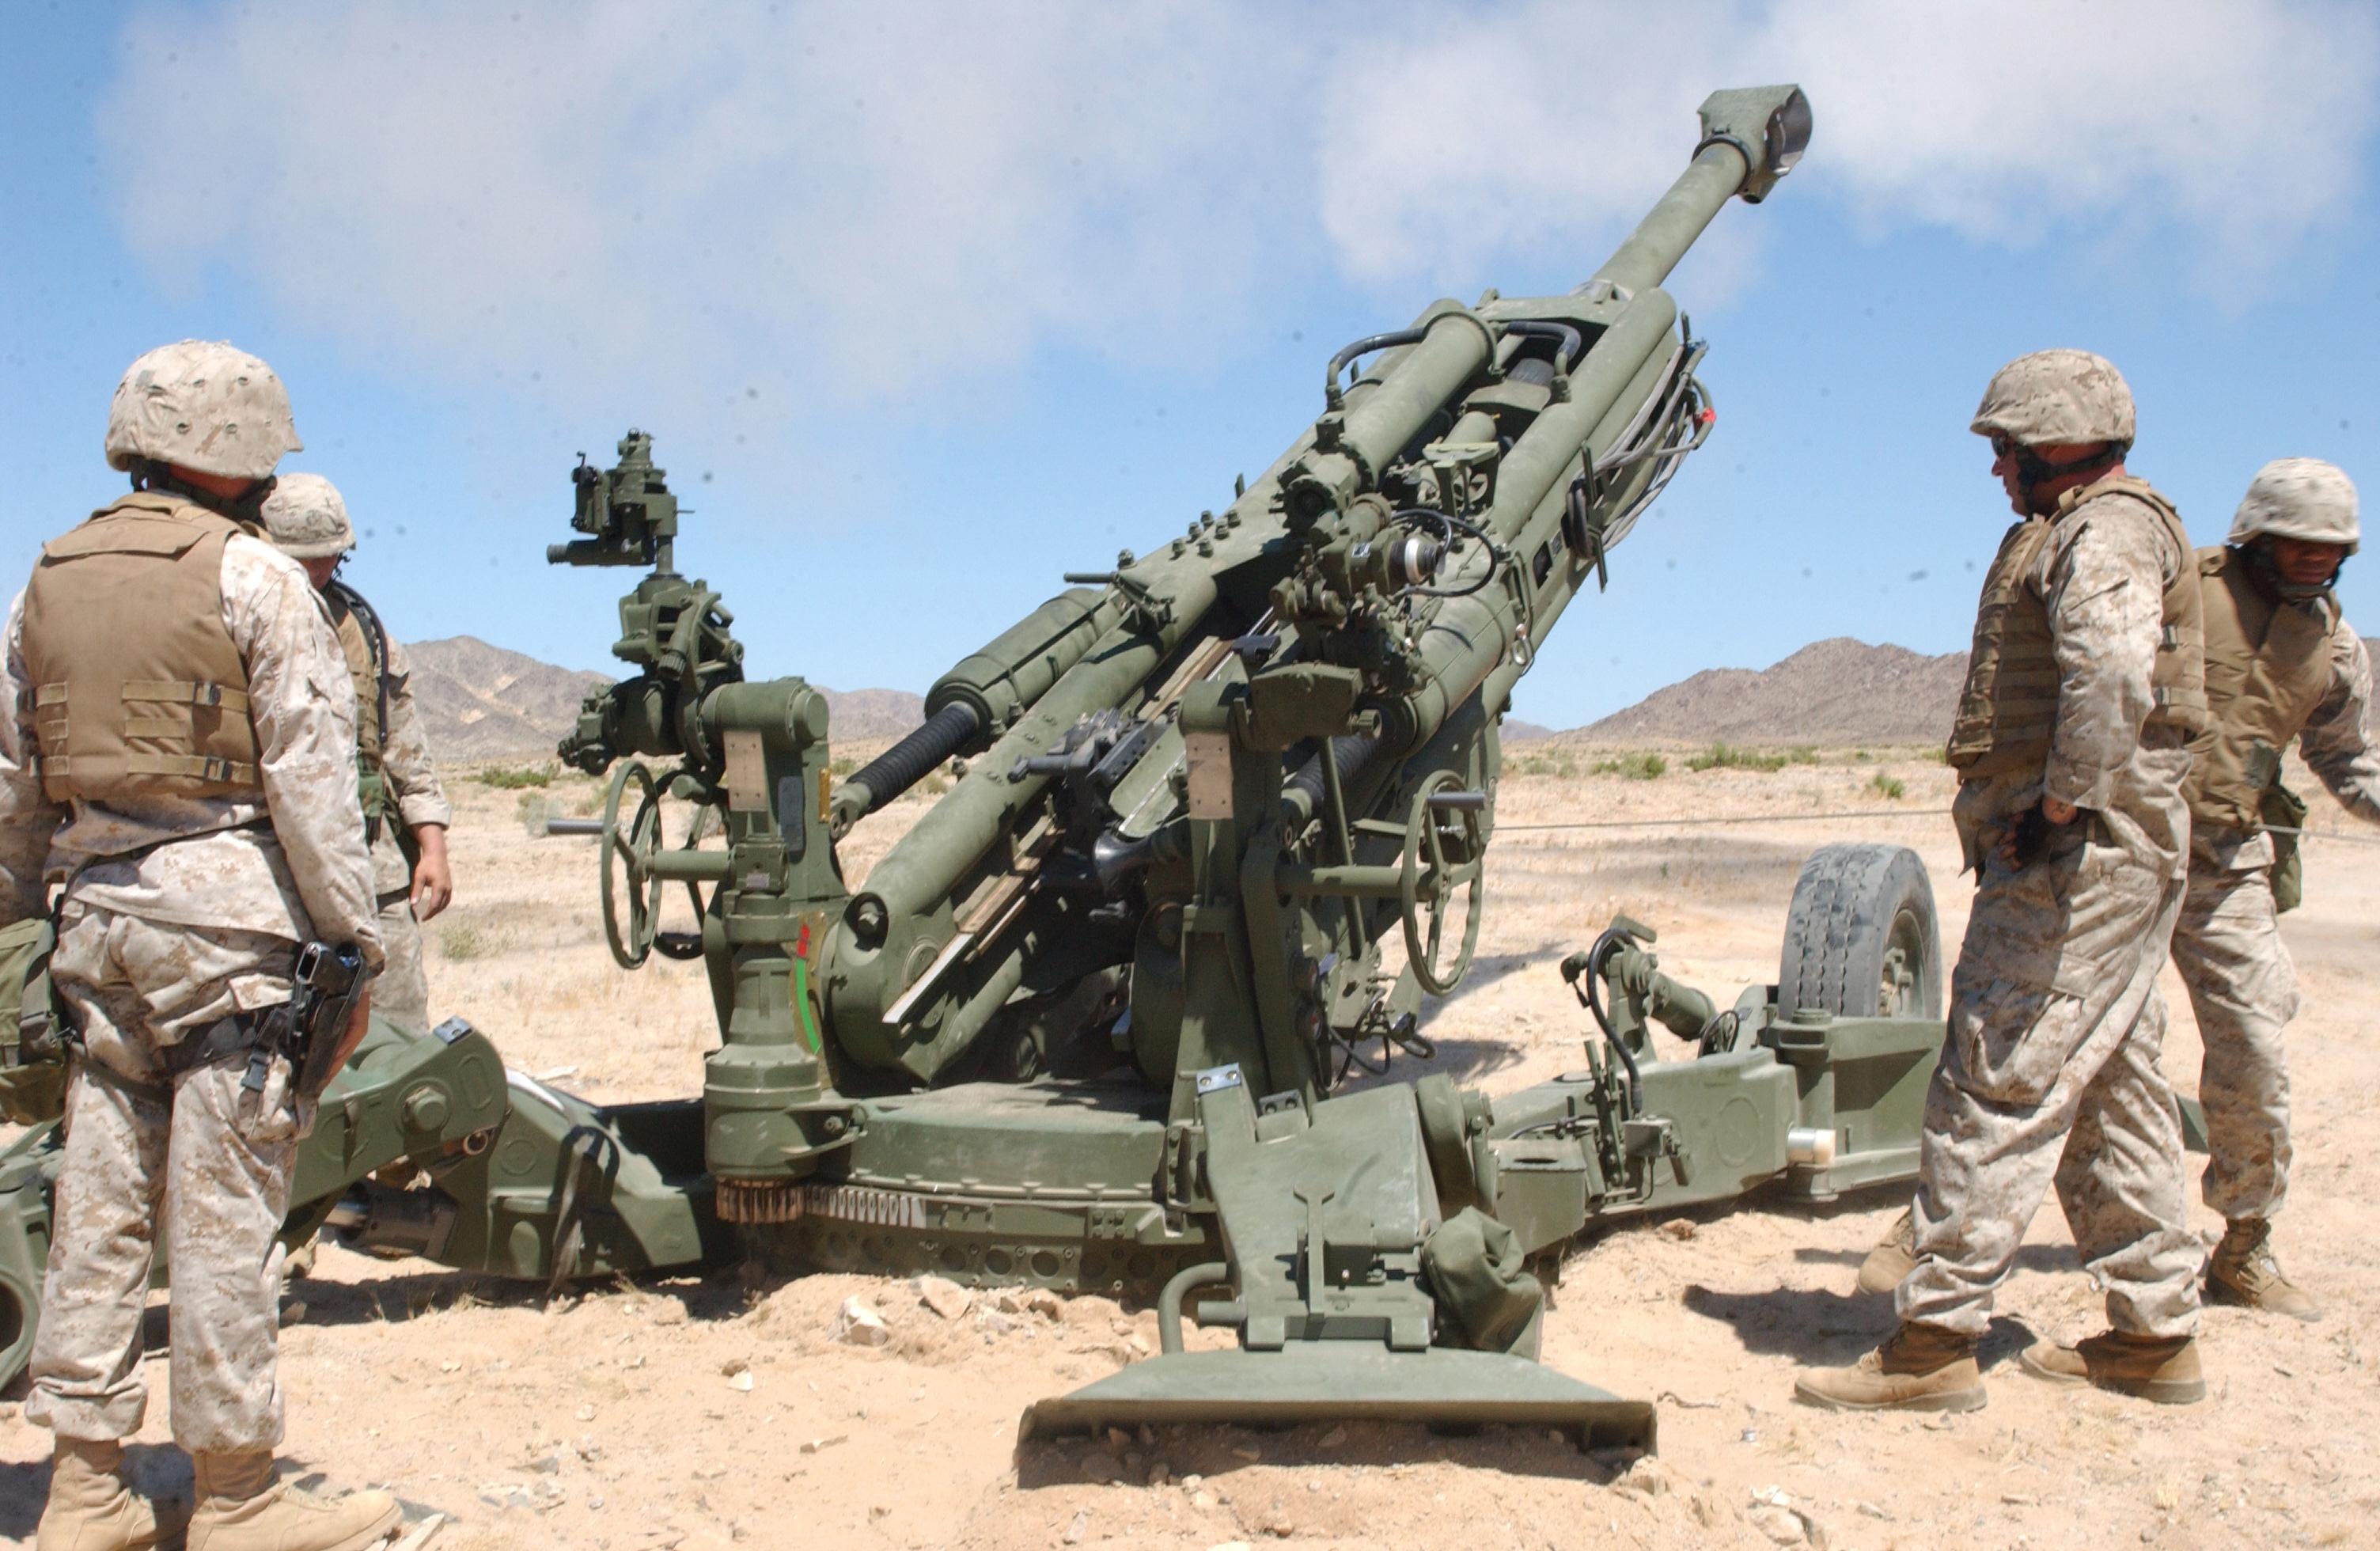 M777_howitzer_rear